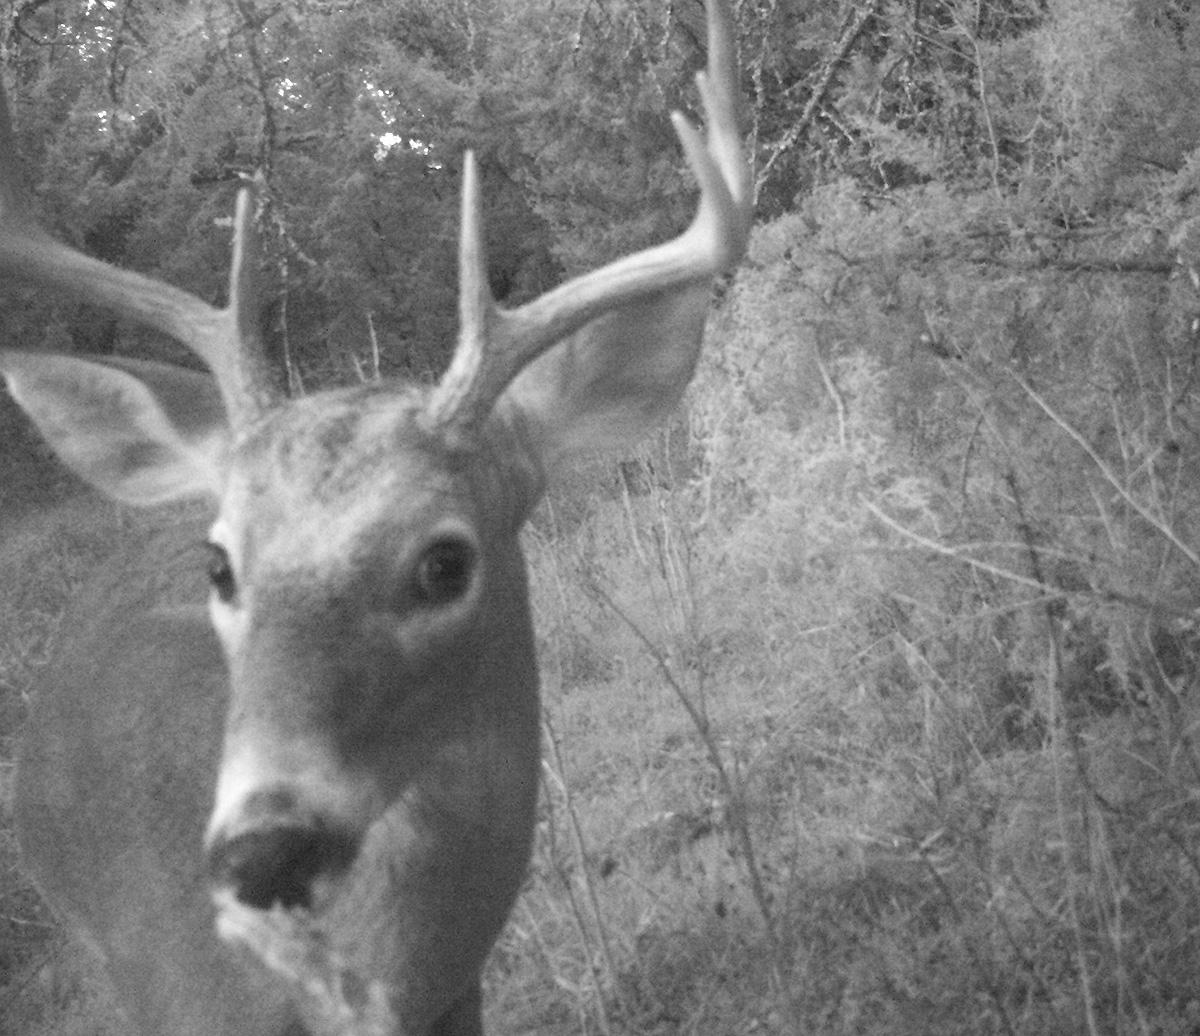 Deer Scouting Pictures Robert Hoague I 00207